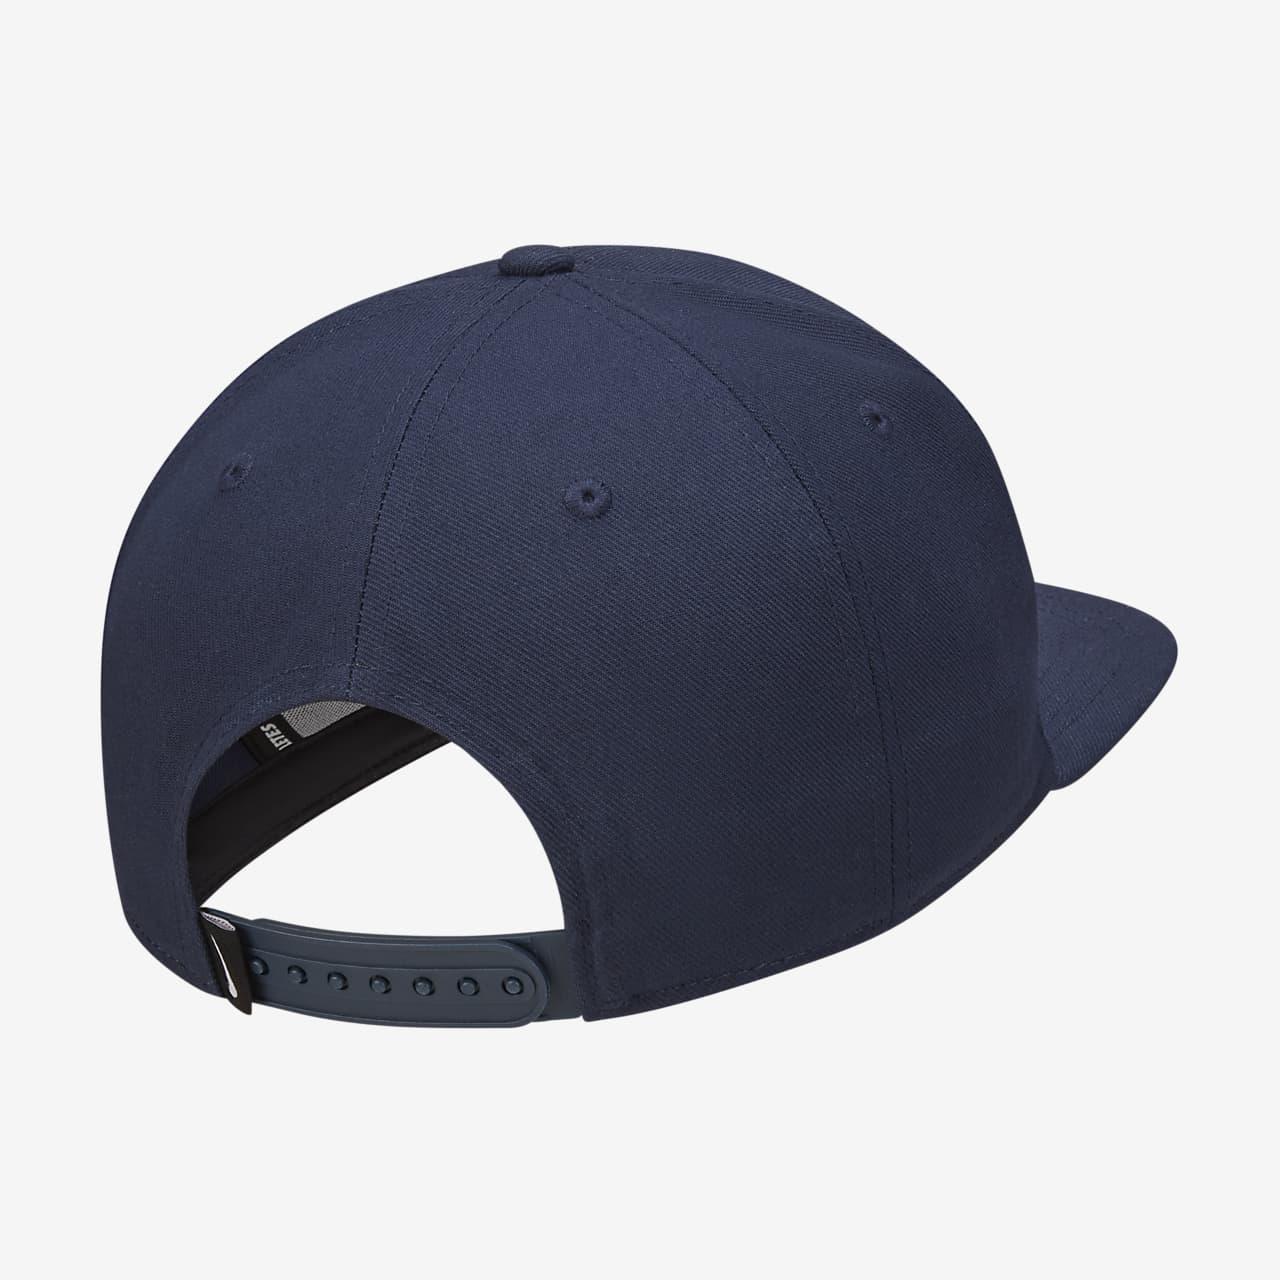 e1c31aade6e7c Low Resolution Nike Sportswear Pro Adjustable Hat Nike Sportswear Pro  Adjustable Hat